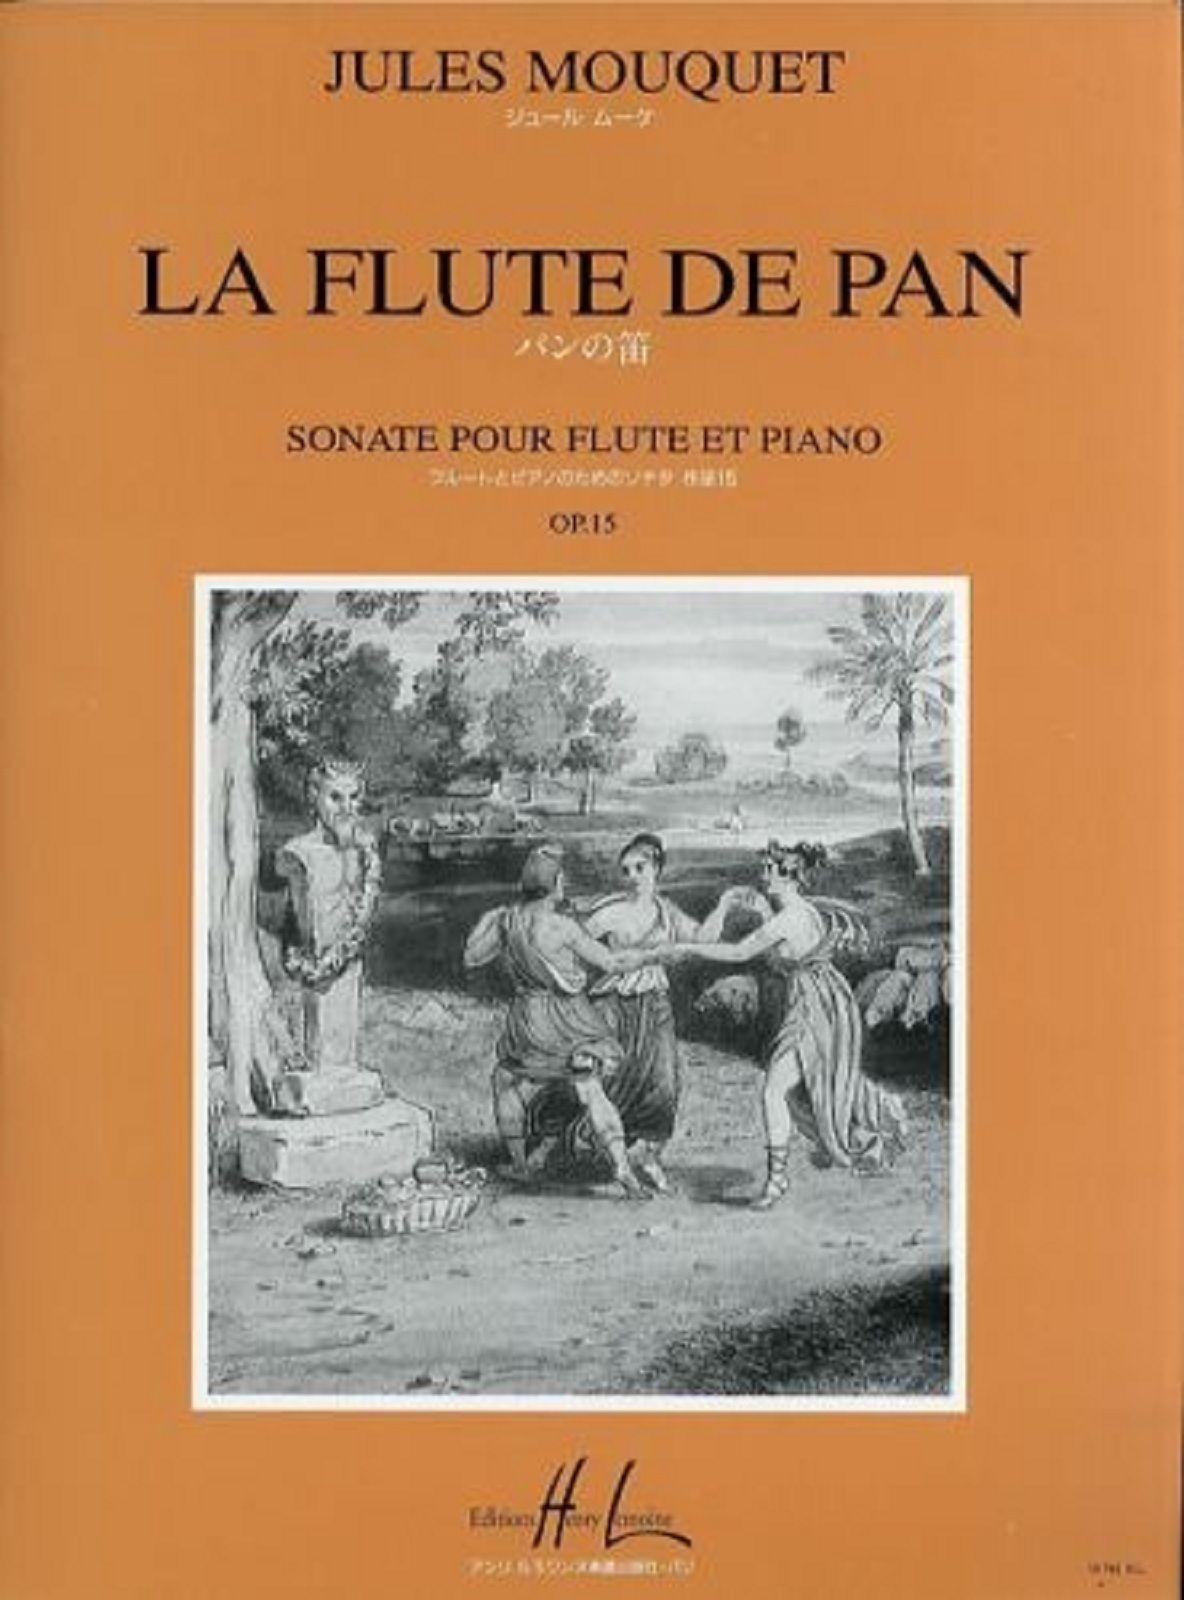 Jules Mouquet La Flûte De Pan Op 15 Sonata for Flute & Piano Solo Book S123